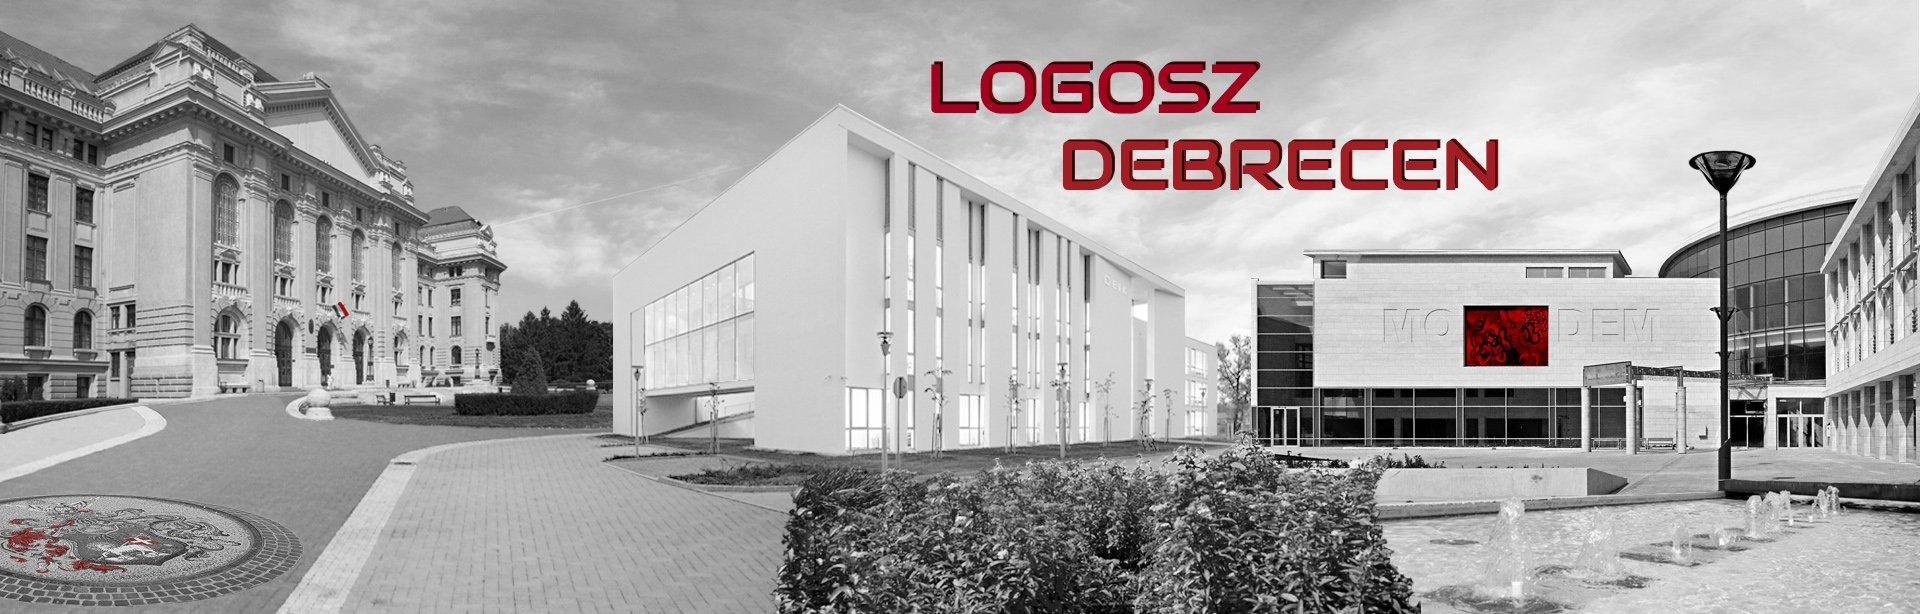 Logosz - Cégalapítás Debrecen